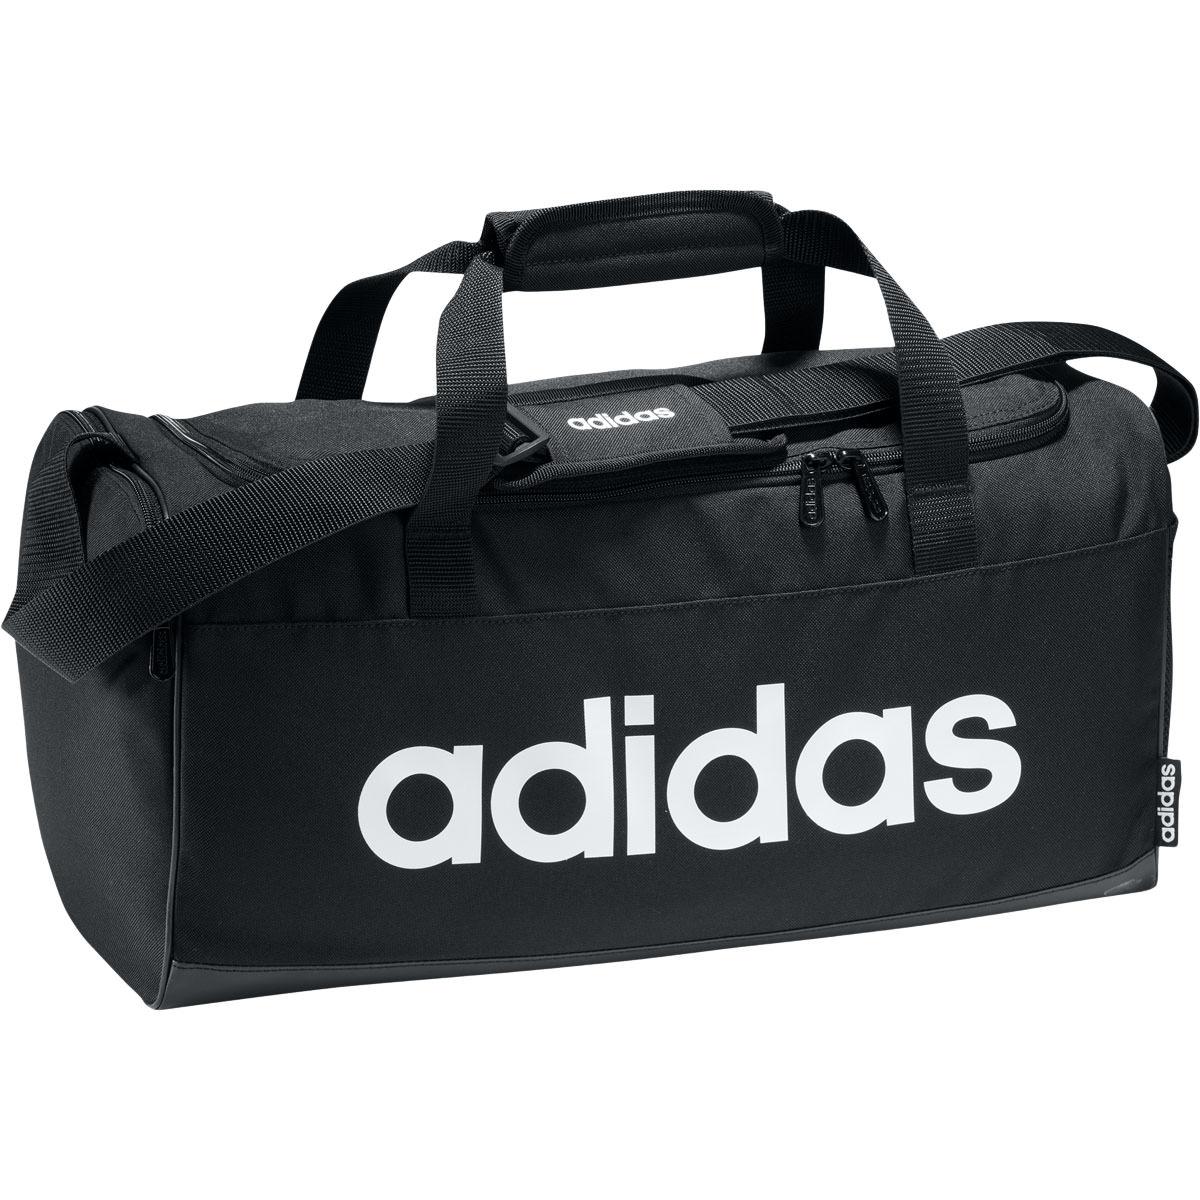 adidas Linear S Sportstaske